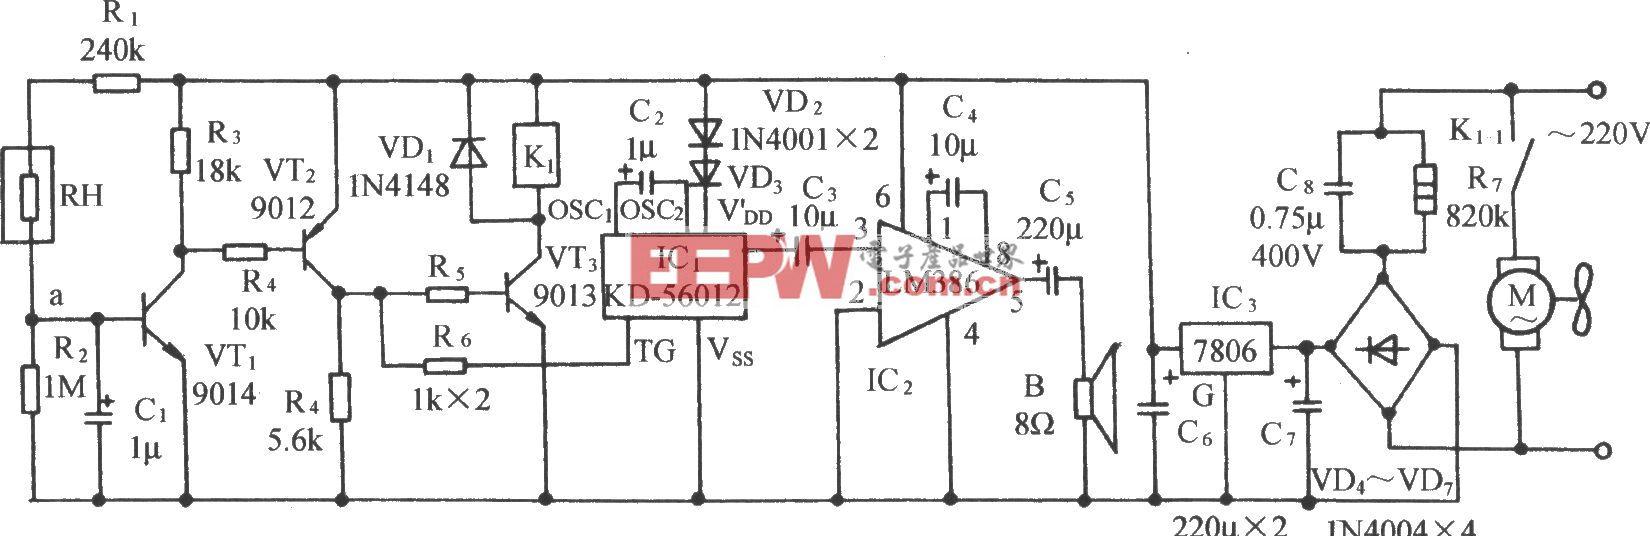 暖房或大棚防结露自动排气拌鸟鸣发声电路